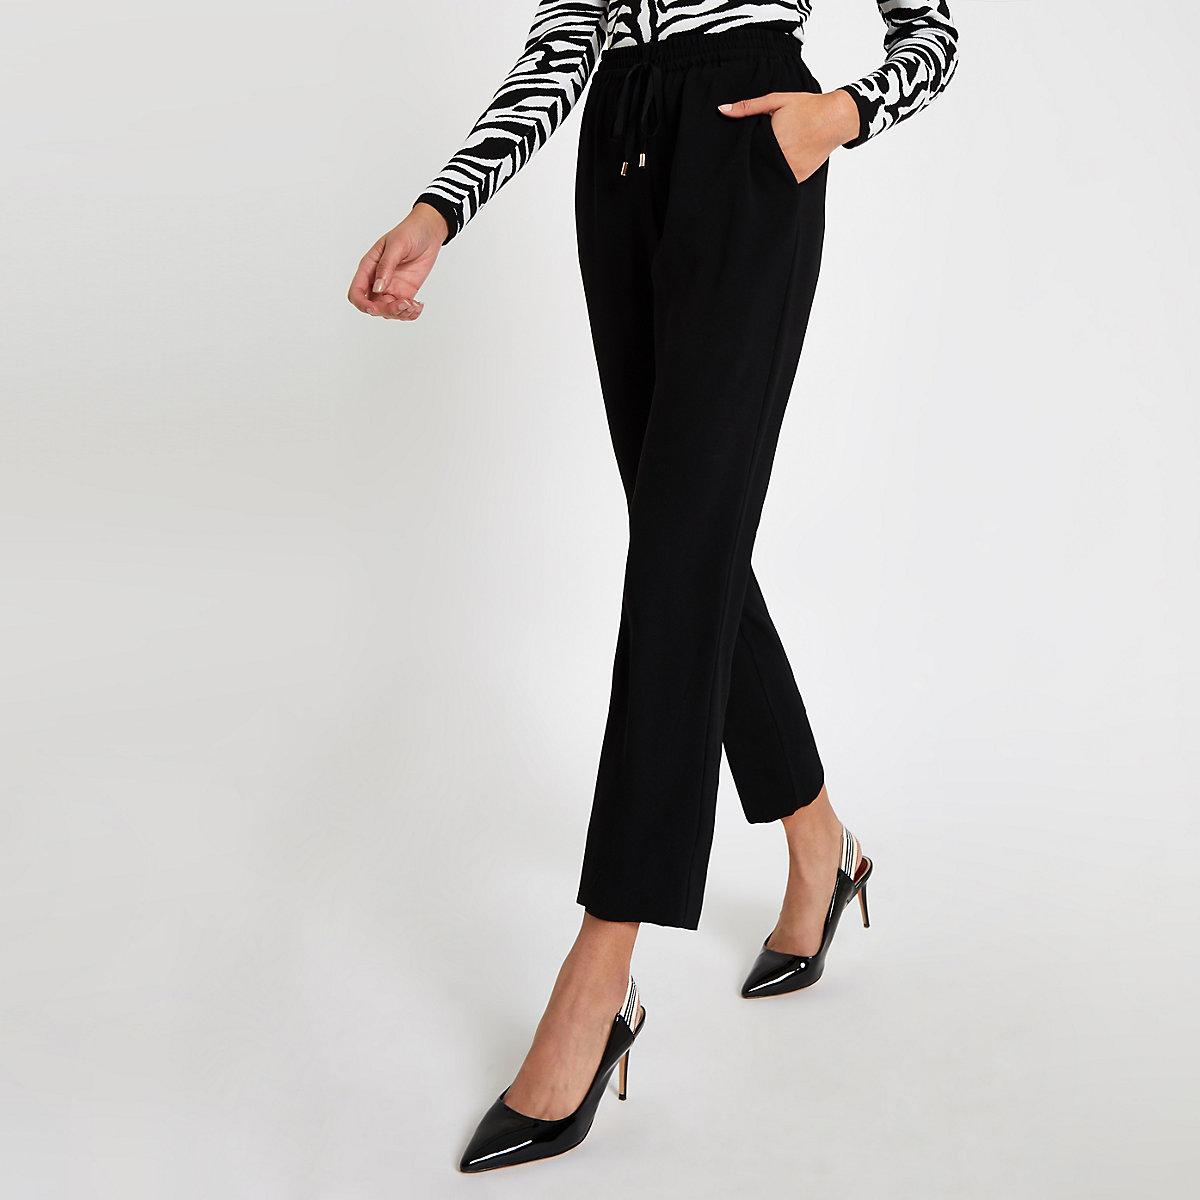 Black drawstring peg trousers